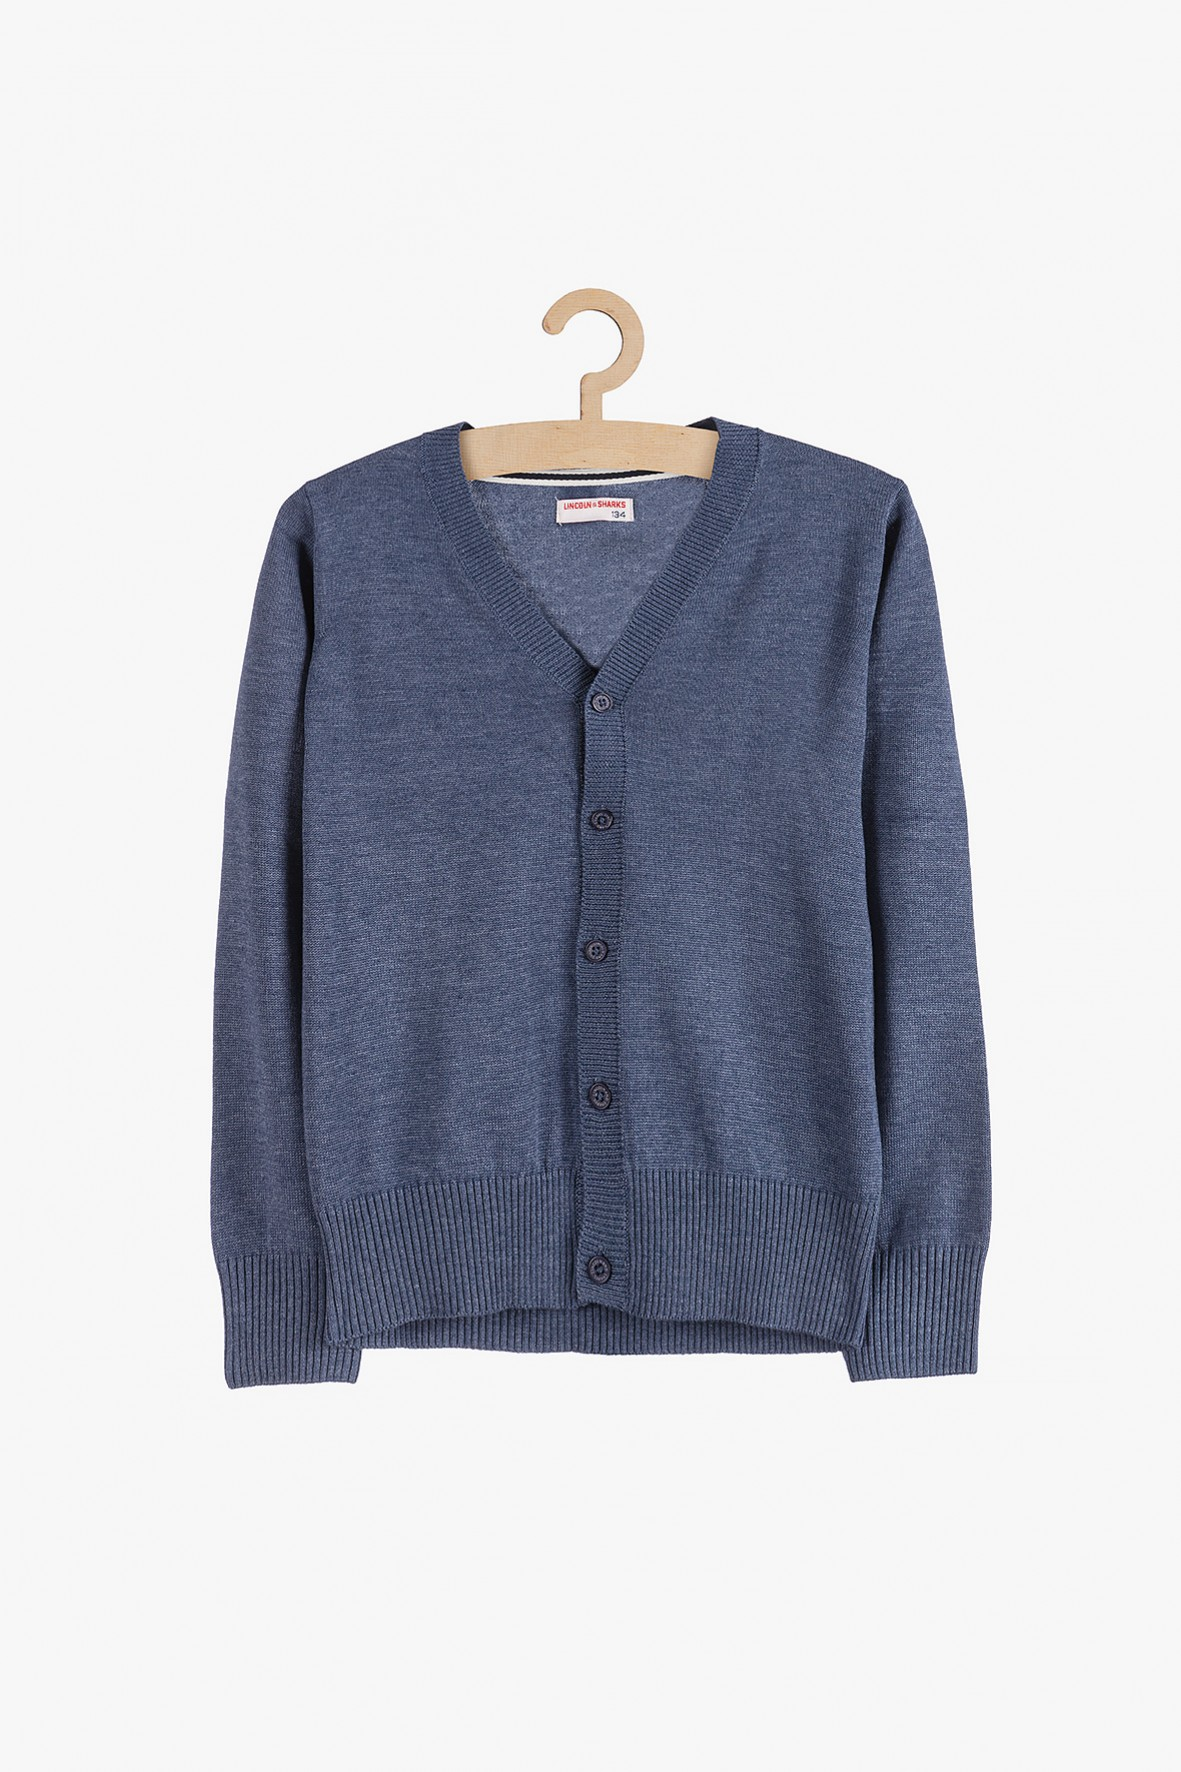 Sweterek dla chłopca - niebieski